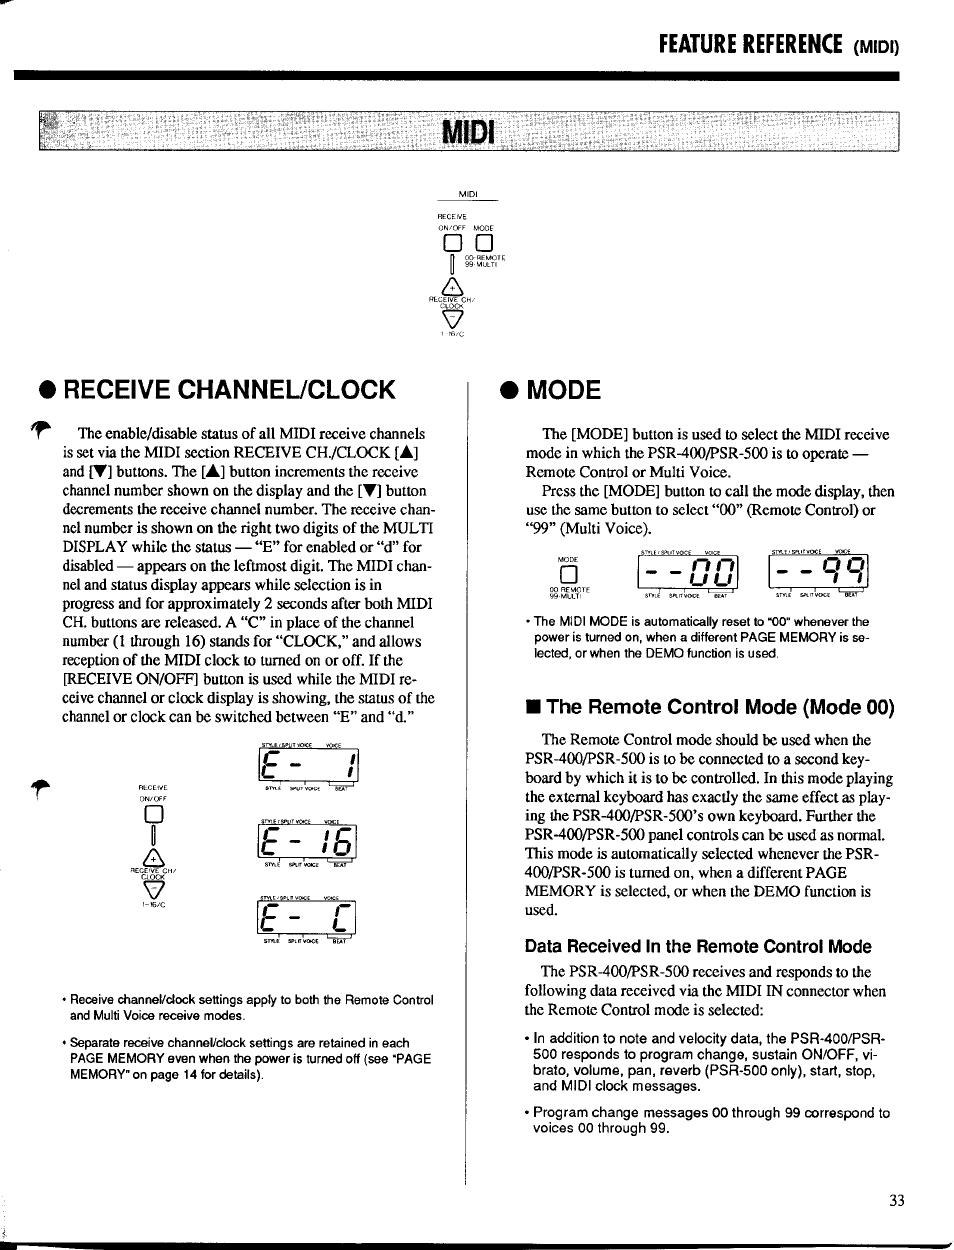 Midi, Receive channel/clock, Mode | The remote control mode (mode 00